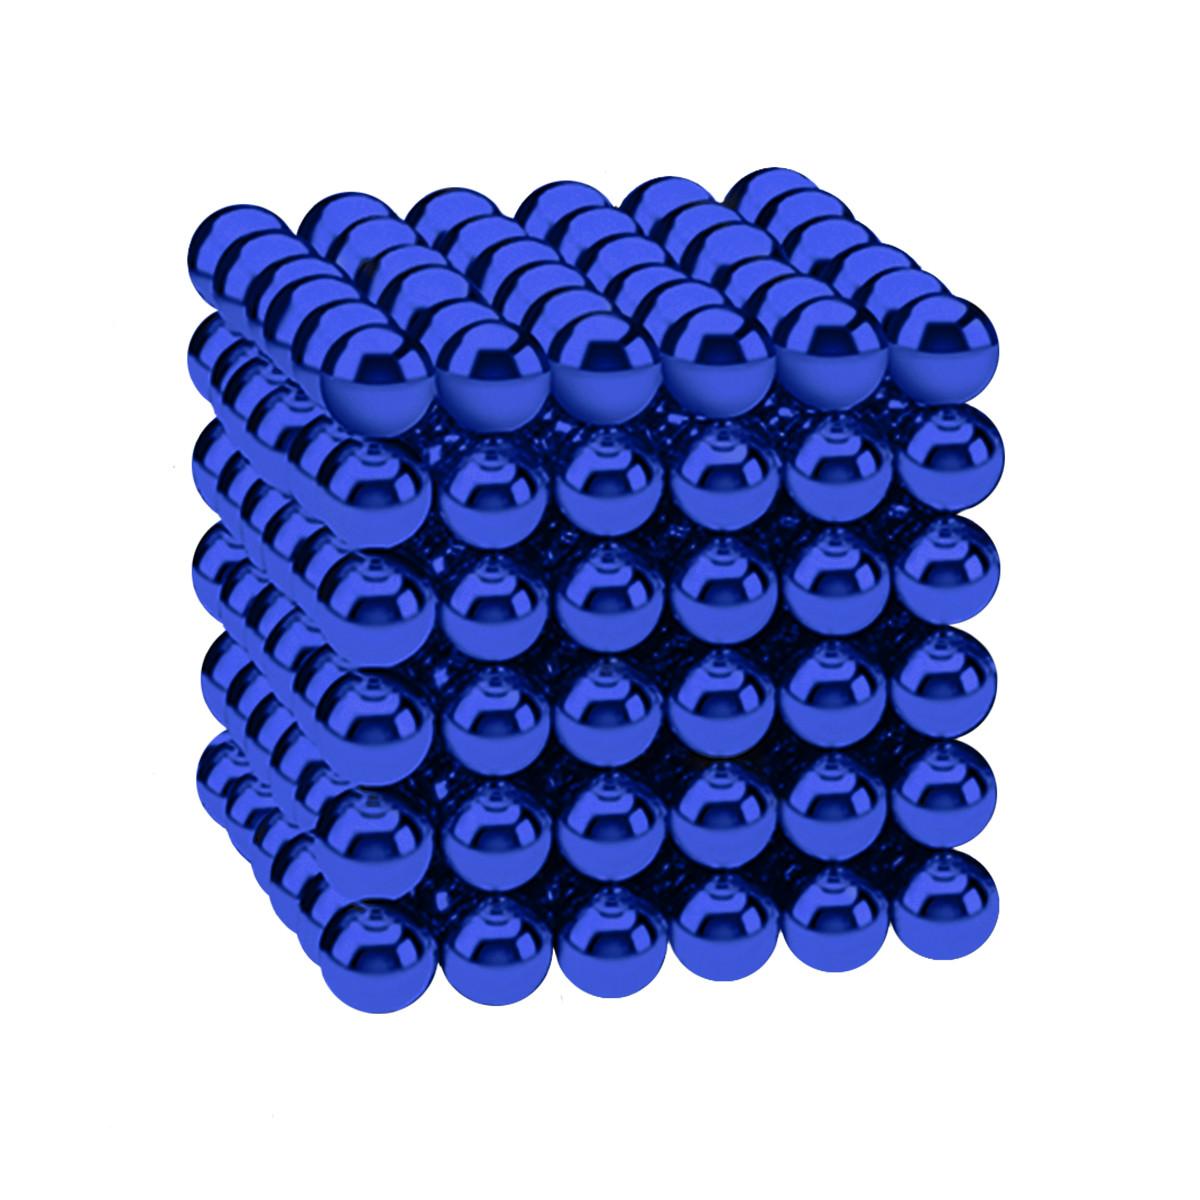 Магнитные шарики-головоломка SKY NEOCUBE (D5) комплект (216 шт) Blue